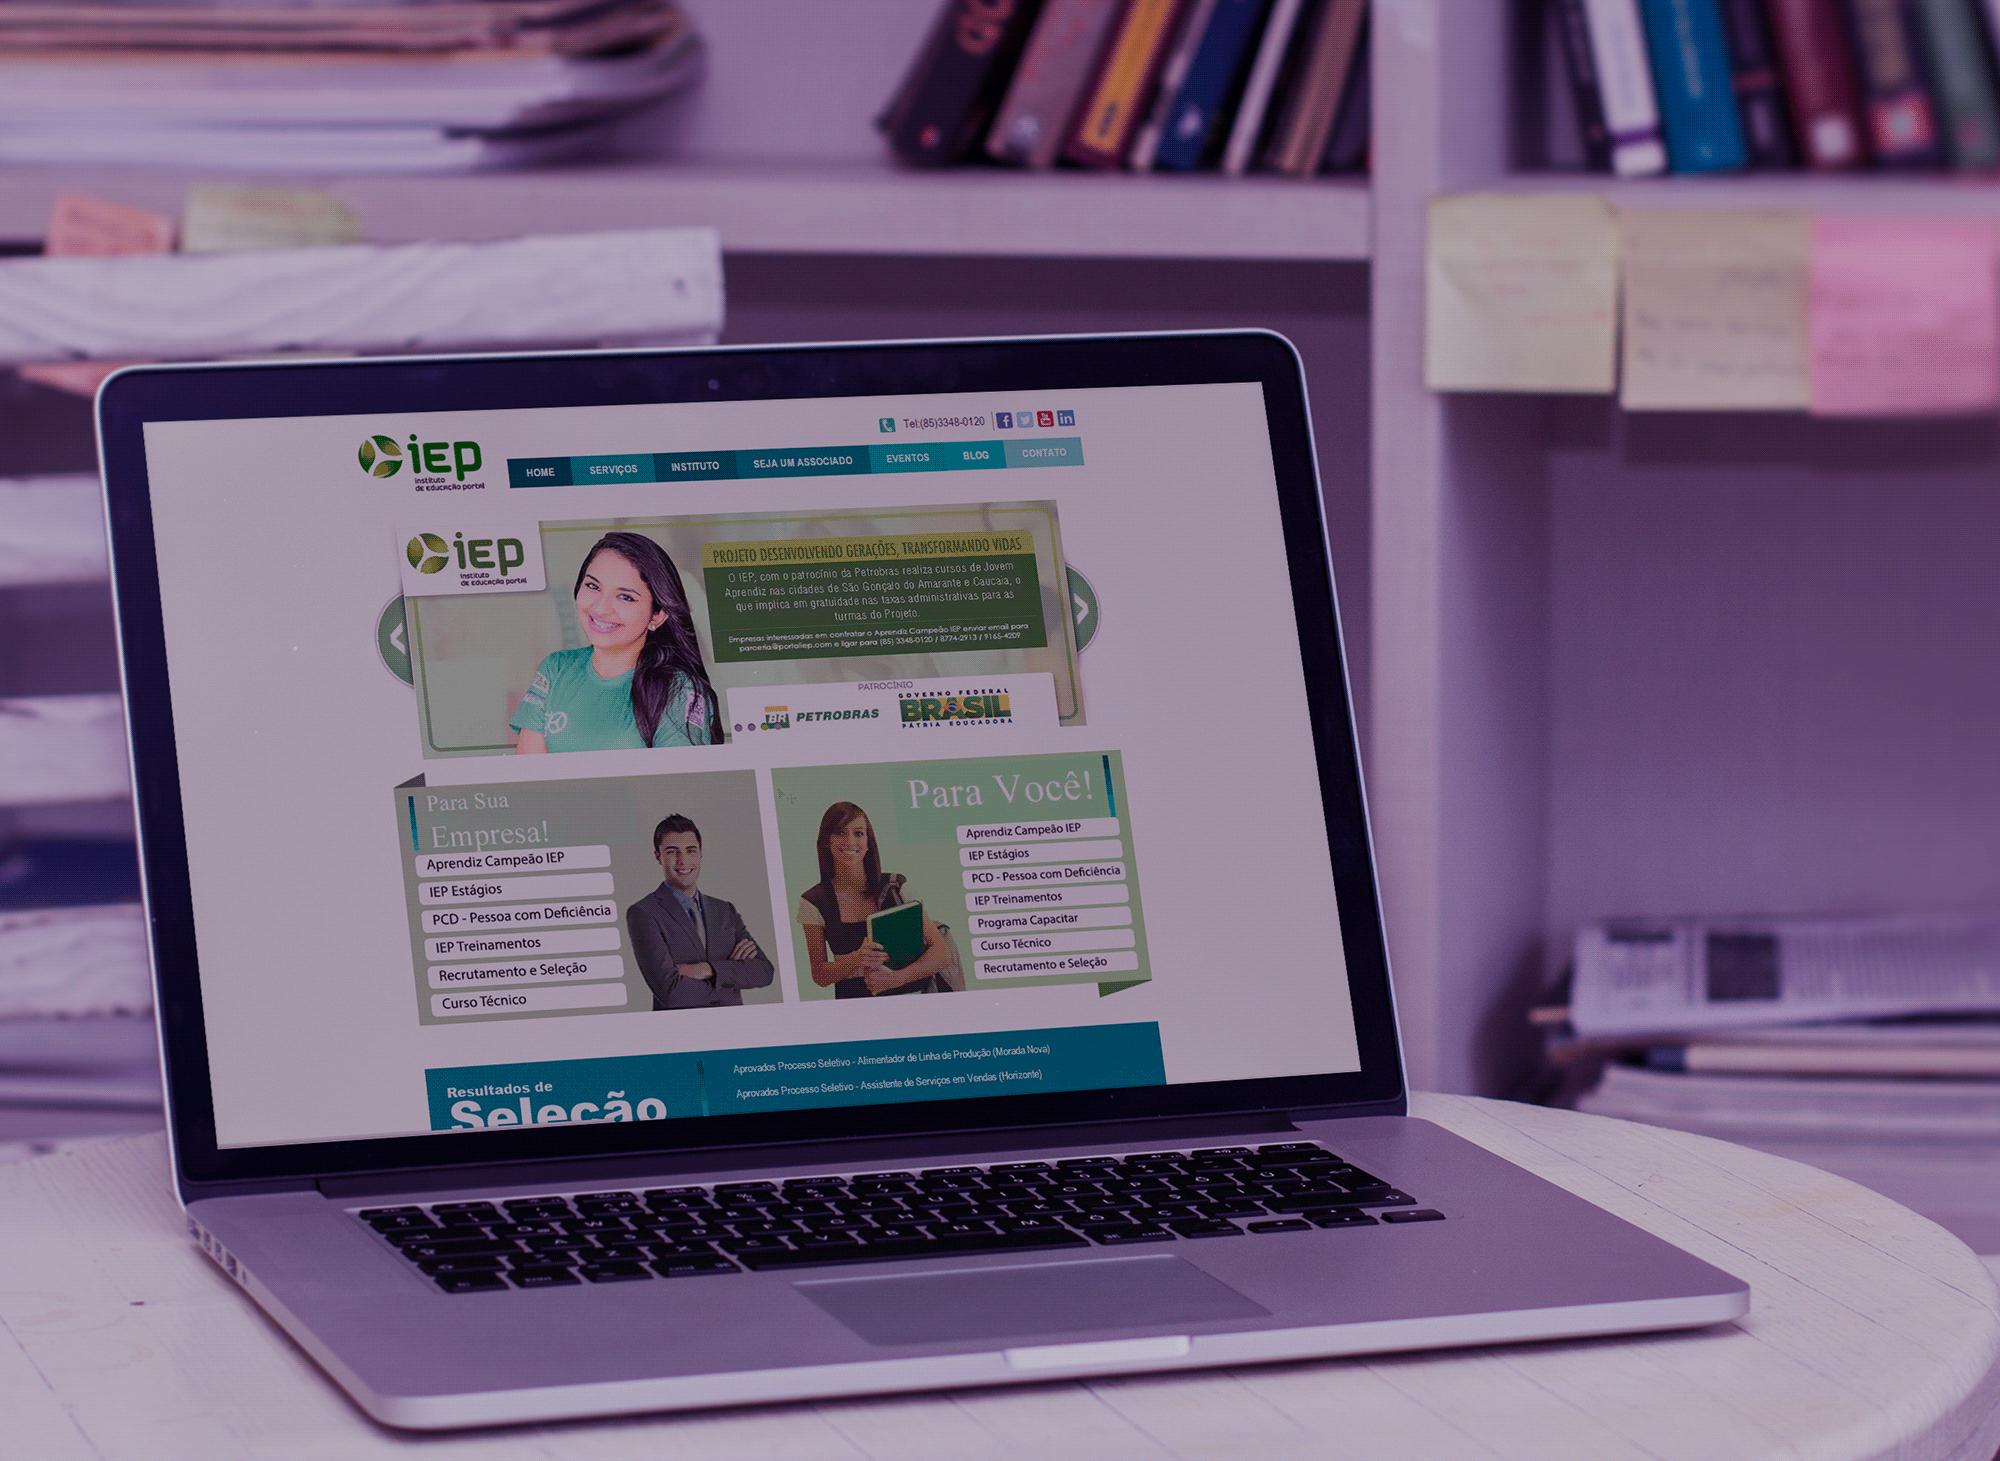 site-instituto-educacao-portal-iep-portfolio-criacao-sites-agencia-diretriz-digital-marketing